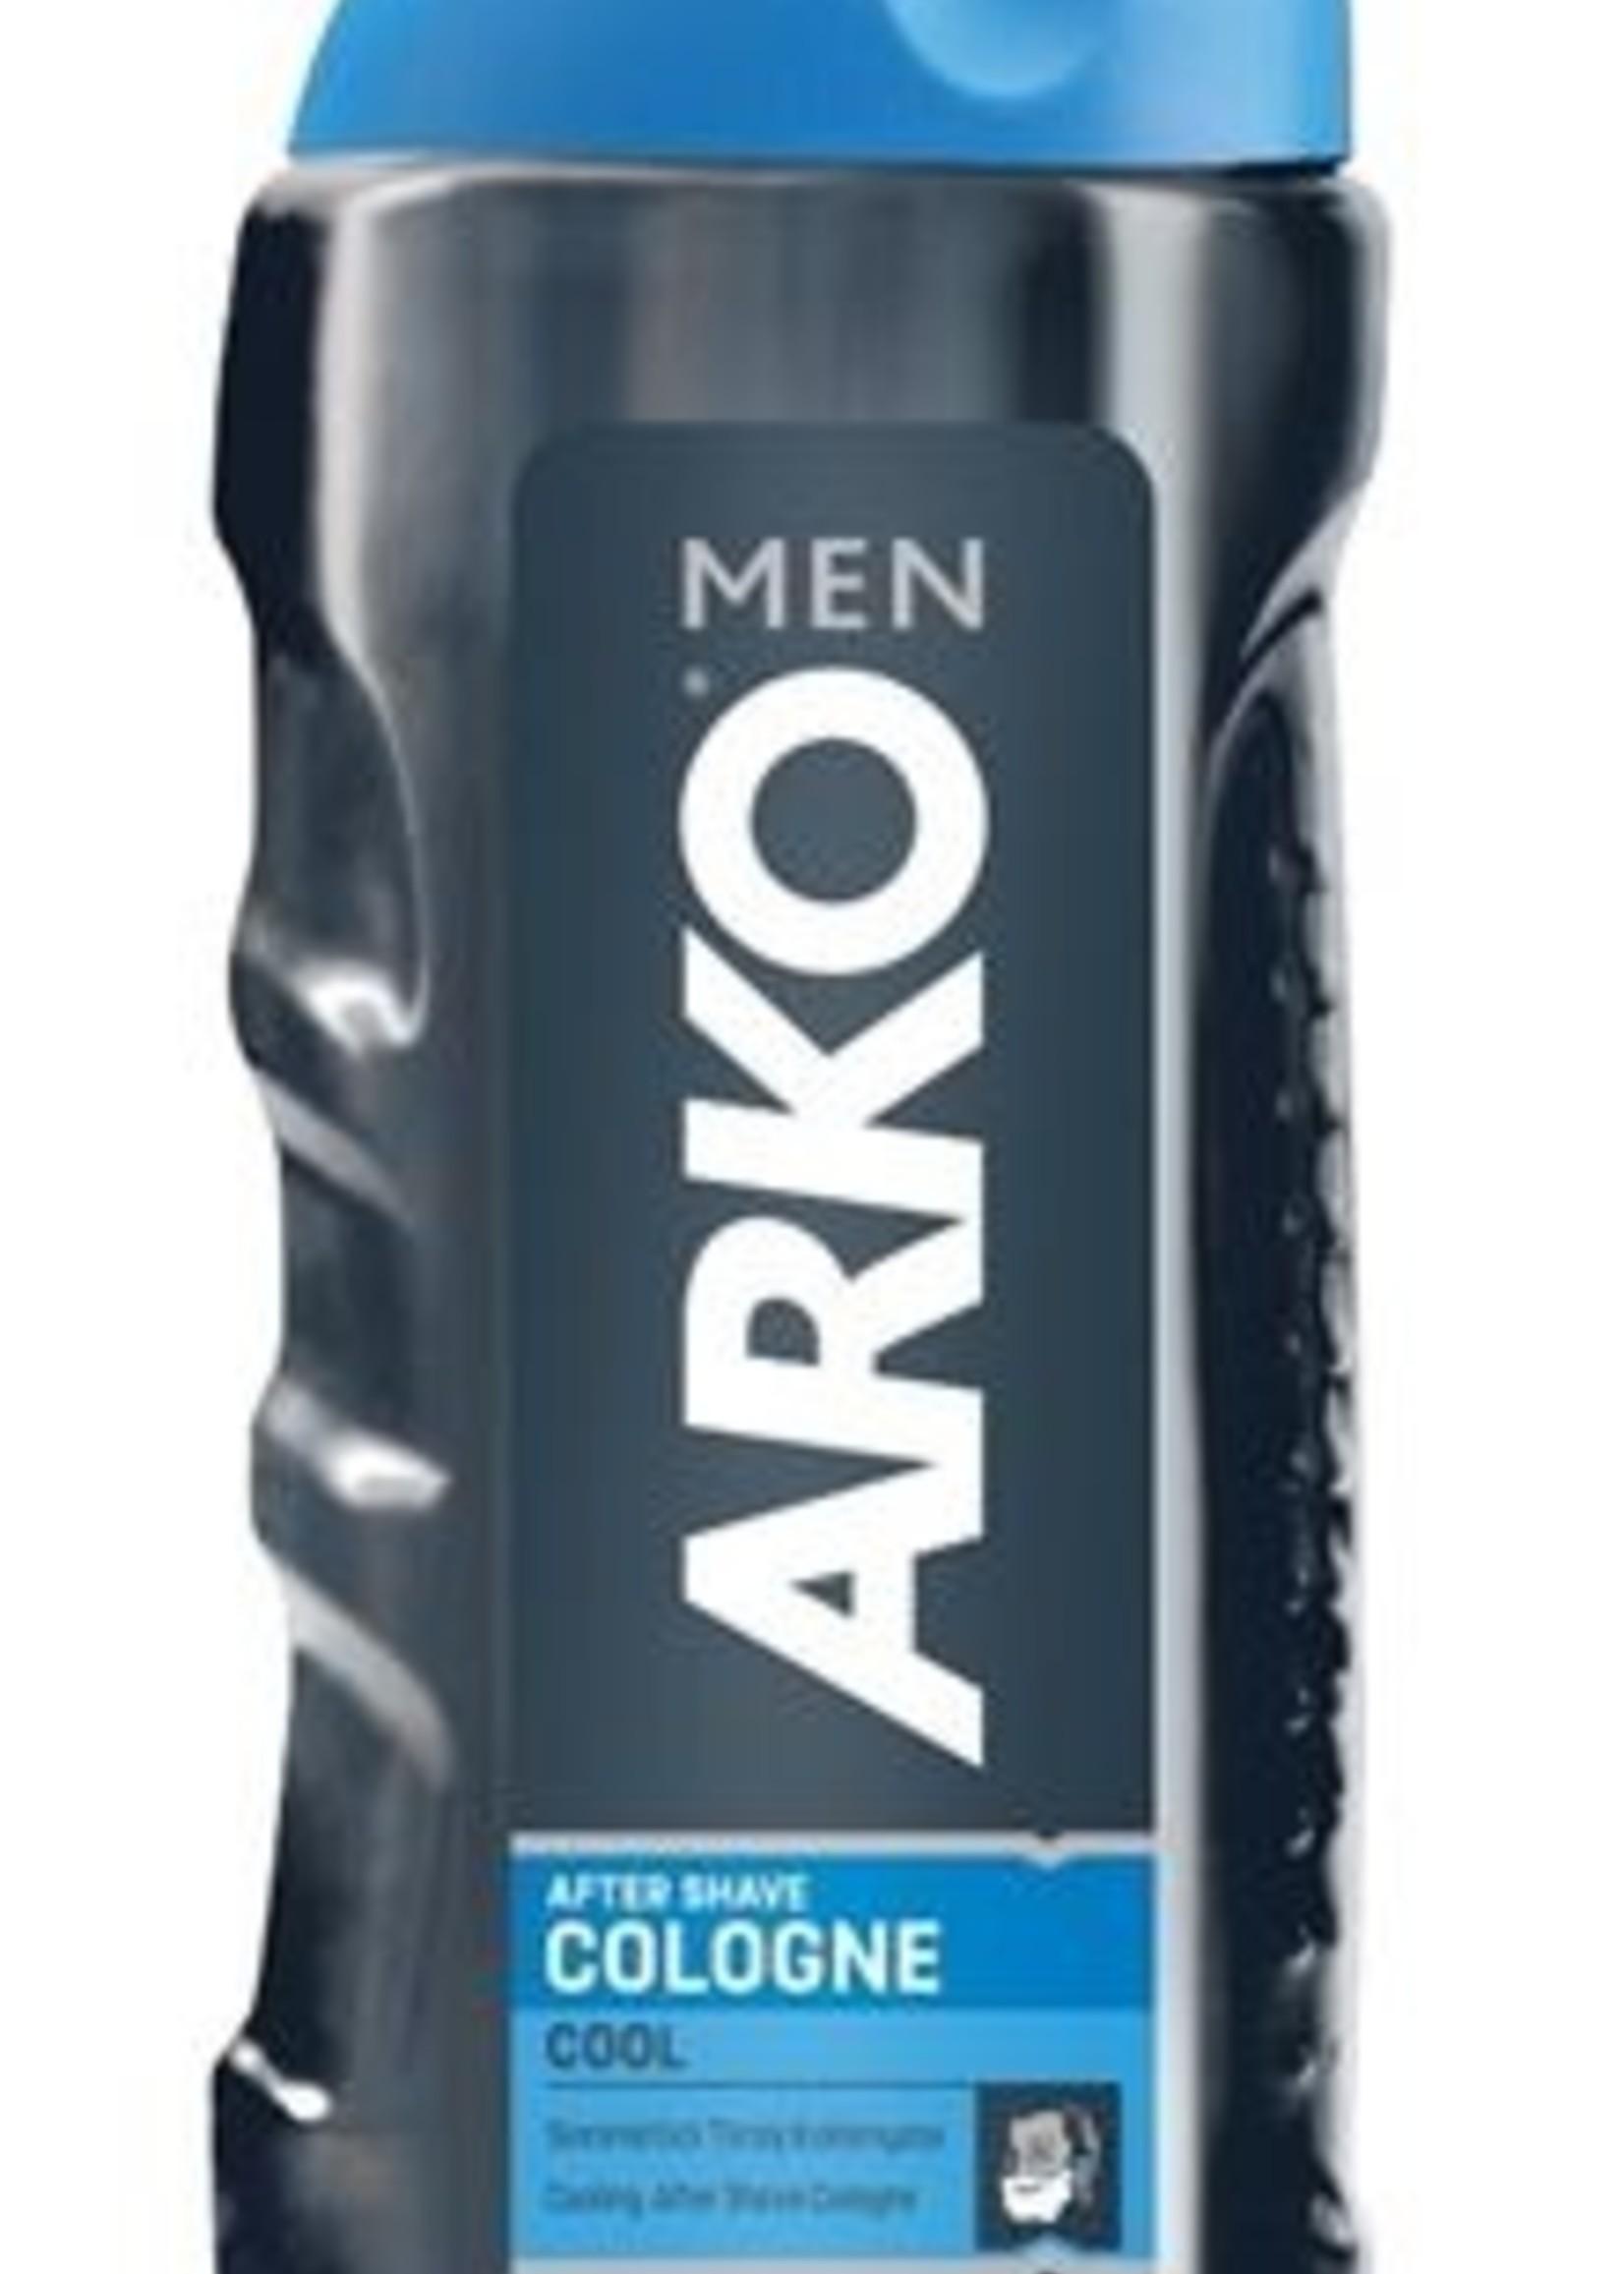 Arko Arko After Shave Cool Cologne 250 ml